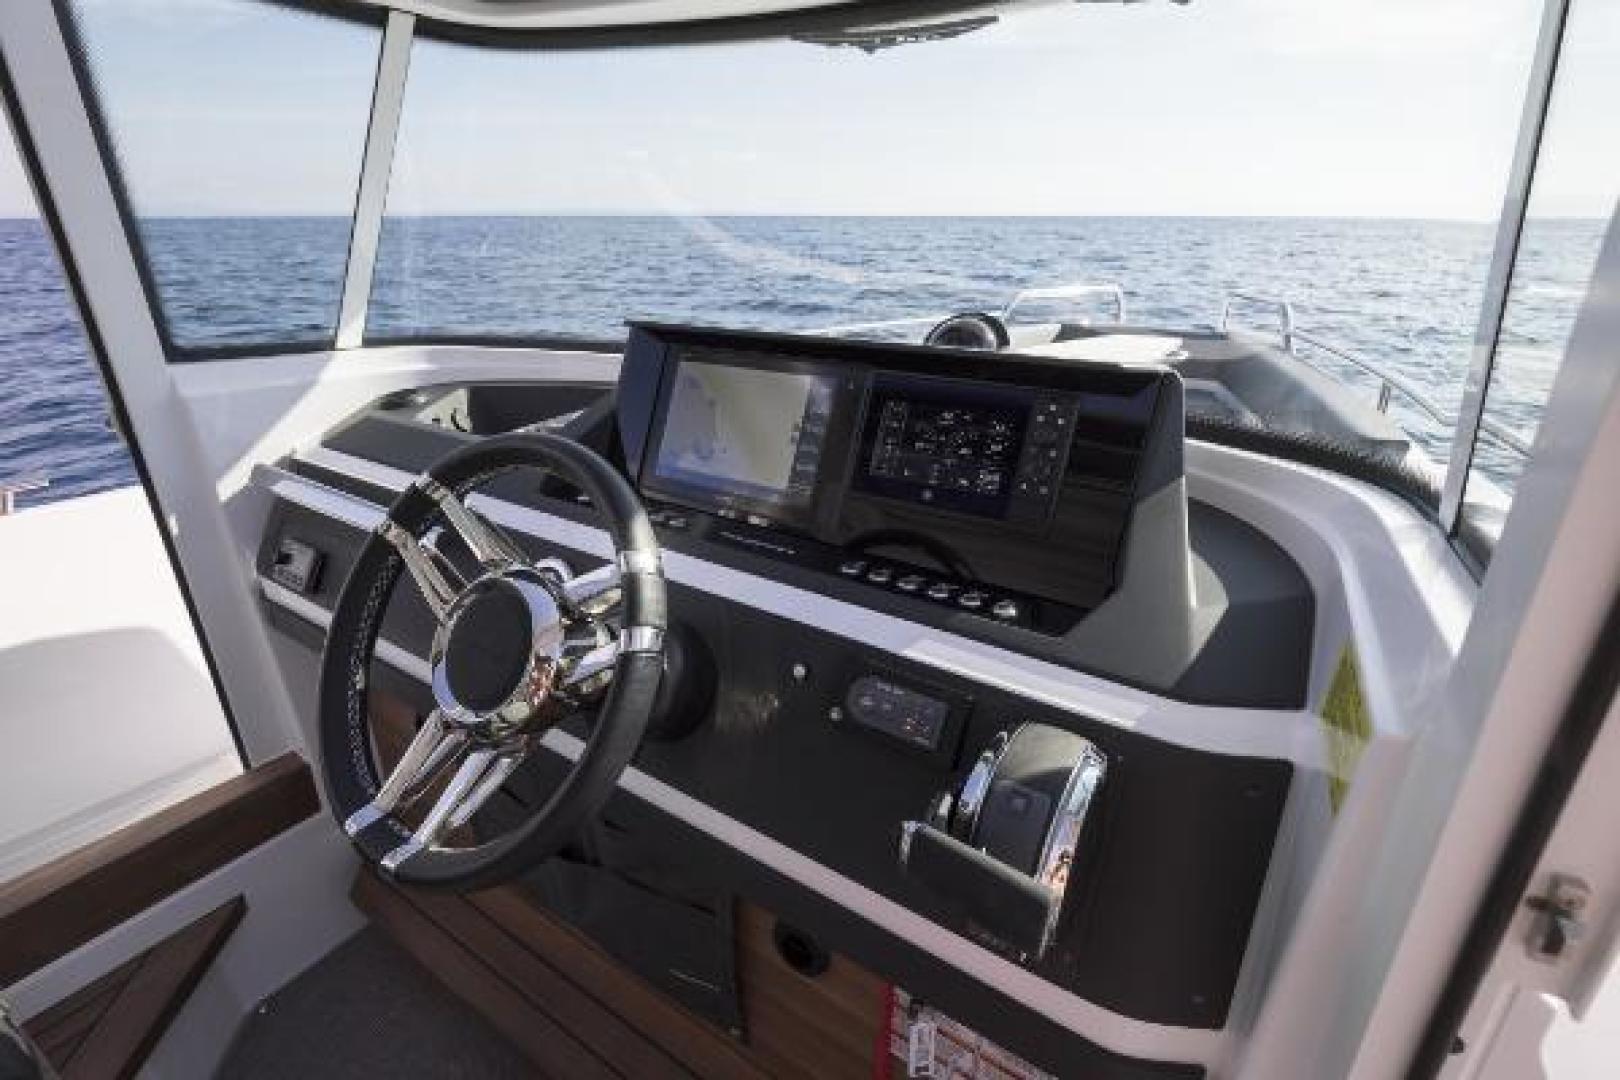 Axopar-28 CABIN 2020-Axopar 28 CABIN Palm Beach-Florida-United States-1531462 | Thumbnail